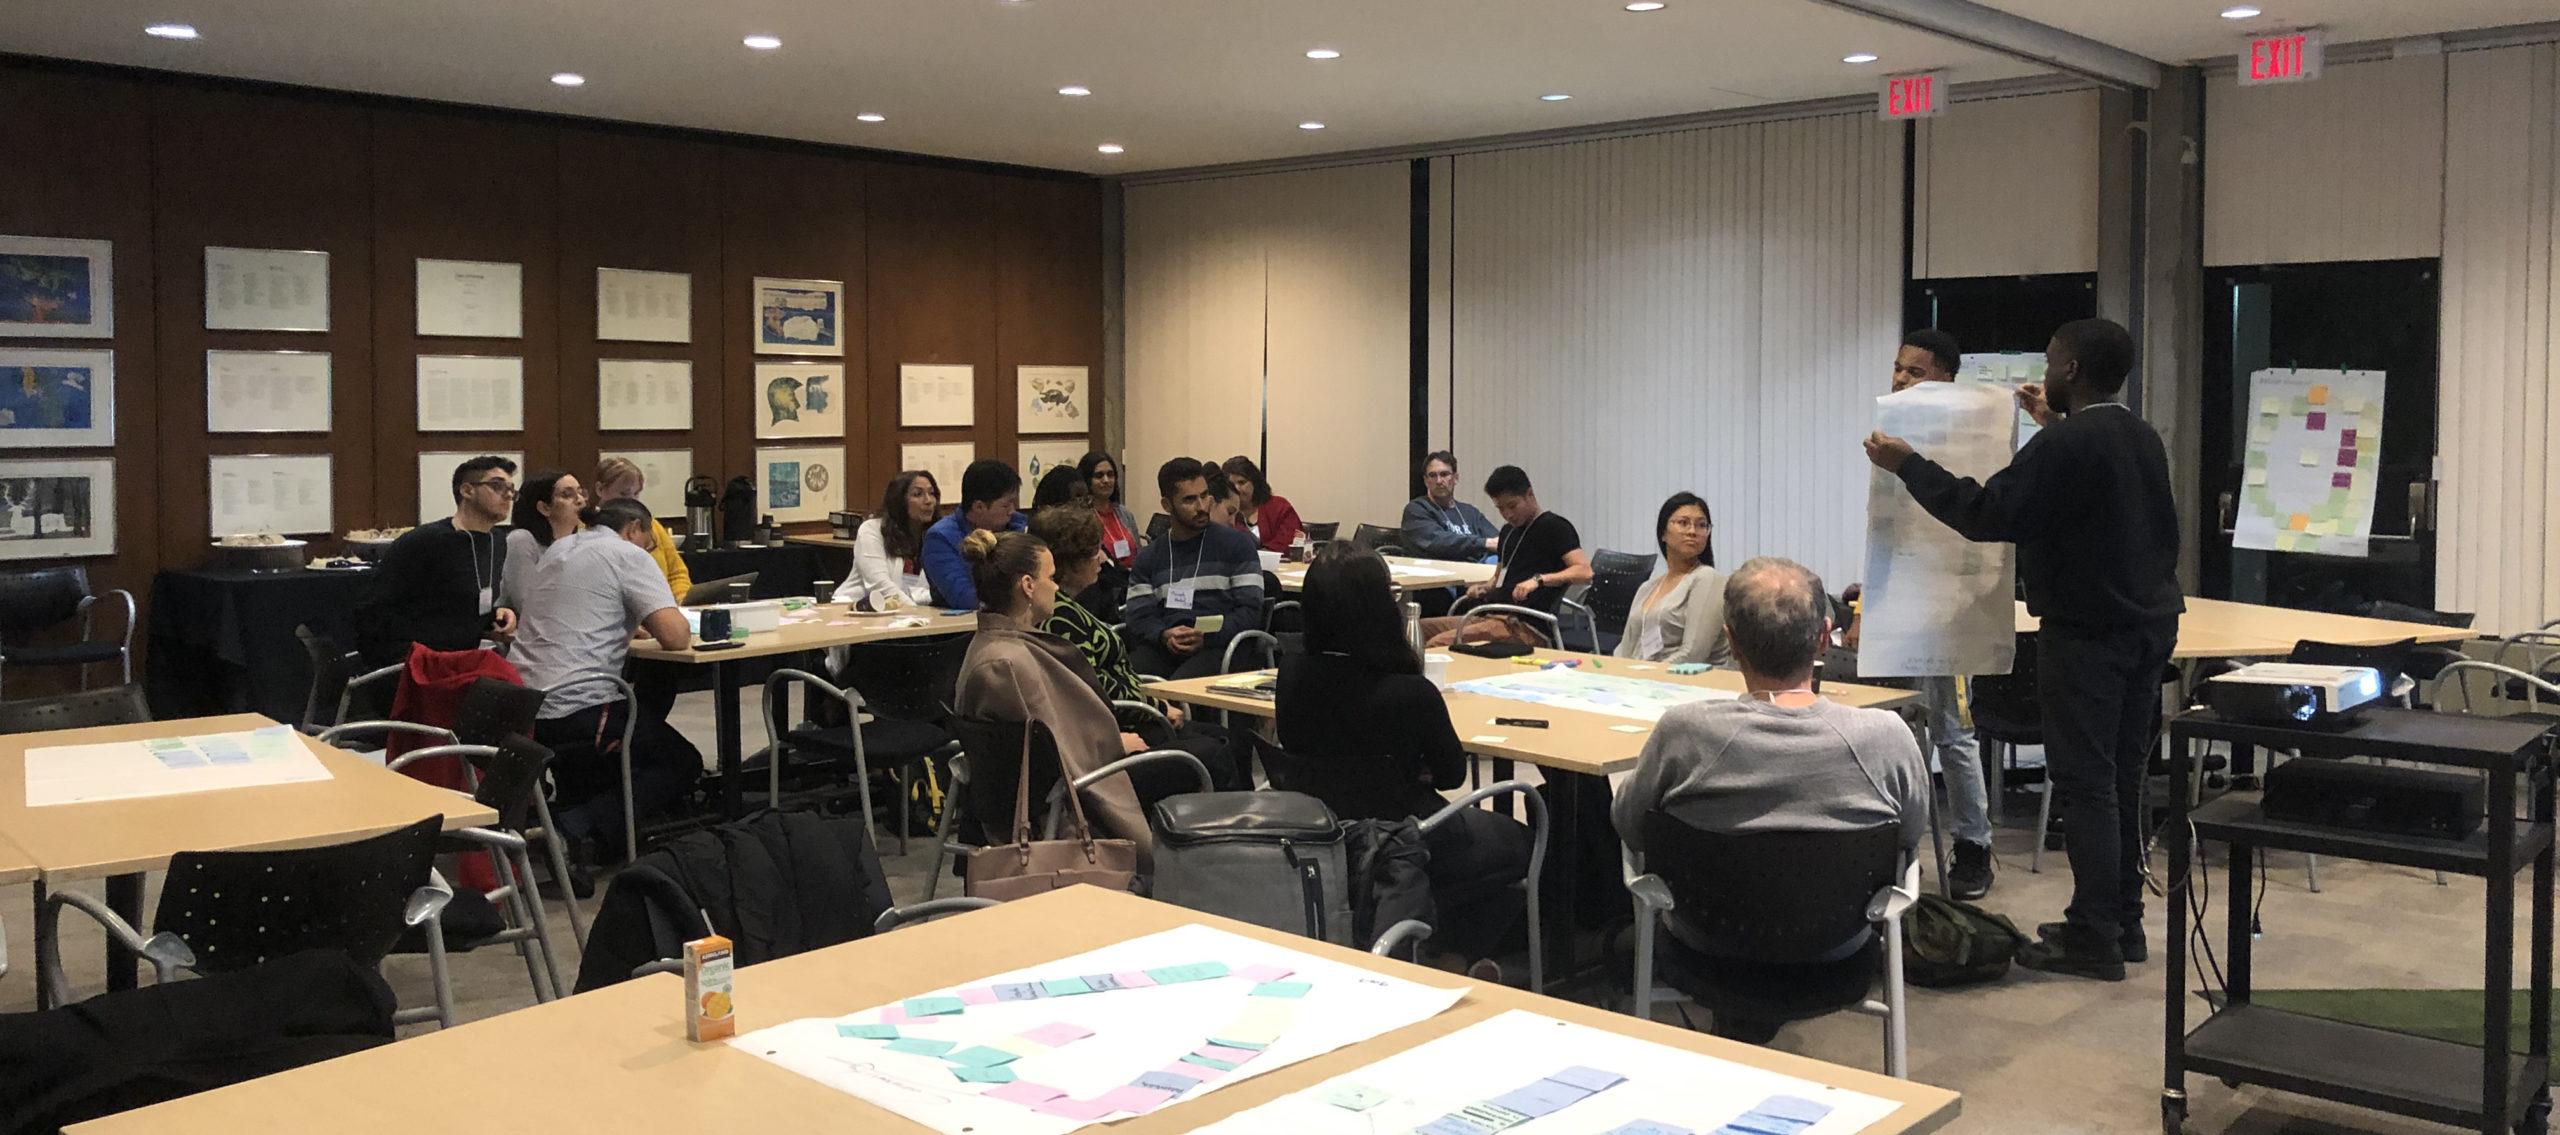 Image of agents of change workshop